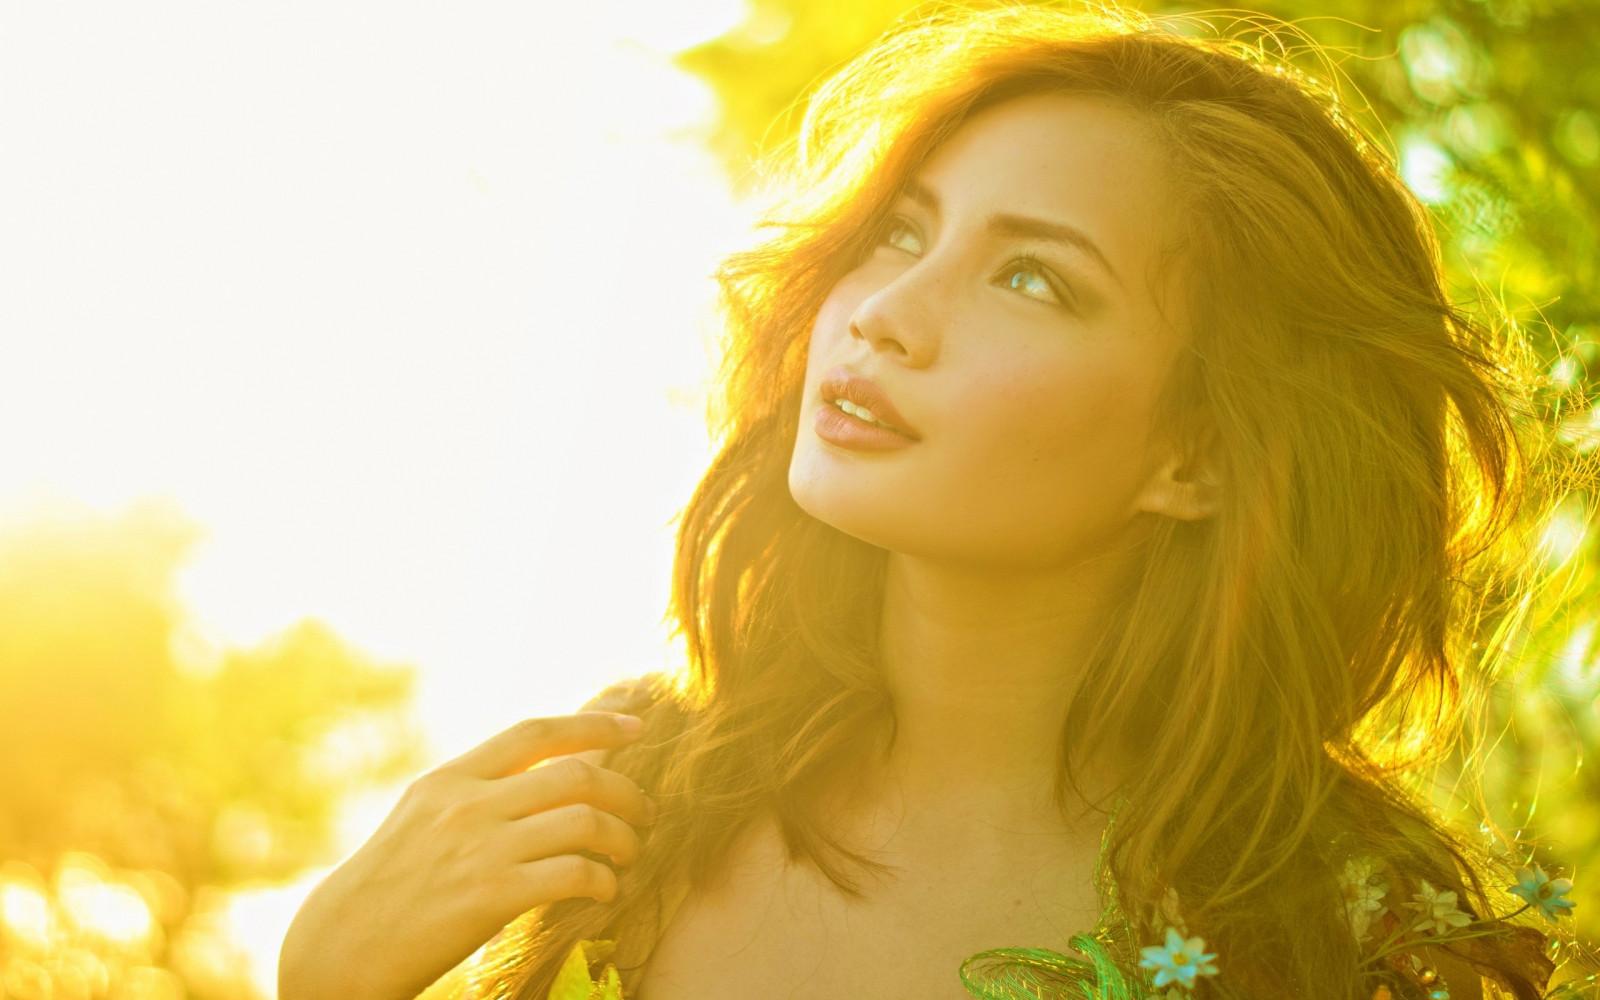 Фото красивых девушек в лучах солнца, Девушка в лучах солнца Girl in the sun Похожие фото 6 фотография